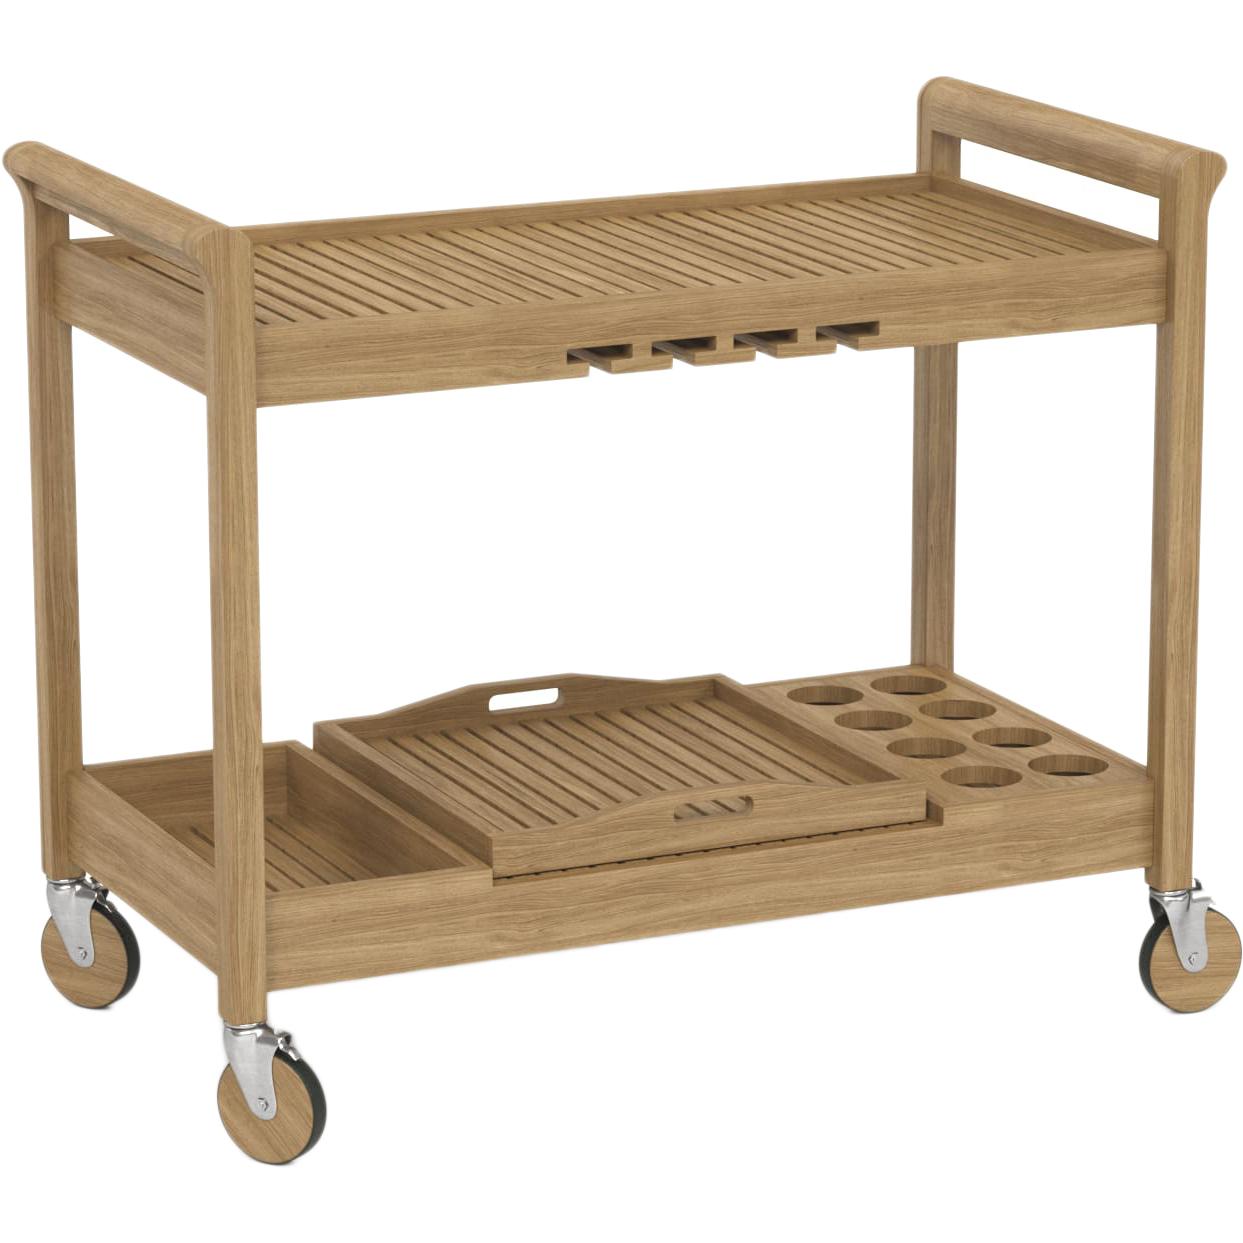 Купить Сервировочный стол 1000 х 600 х 1190 ироко - BR.12.35.088, Yachtline, столик сервировочный, Россия